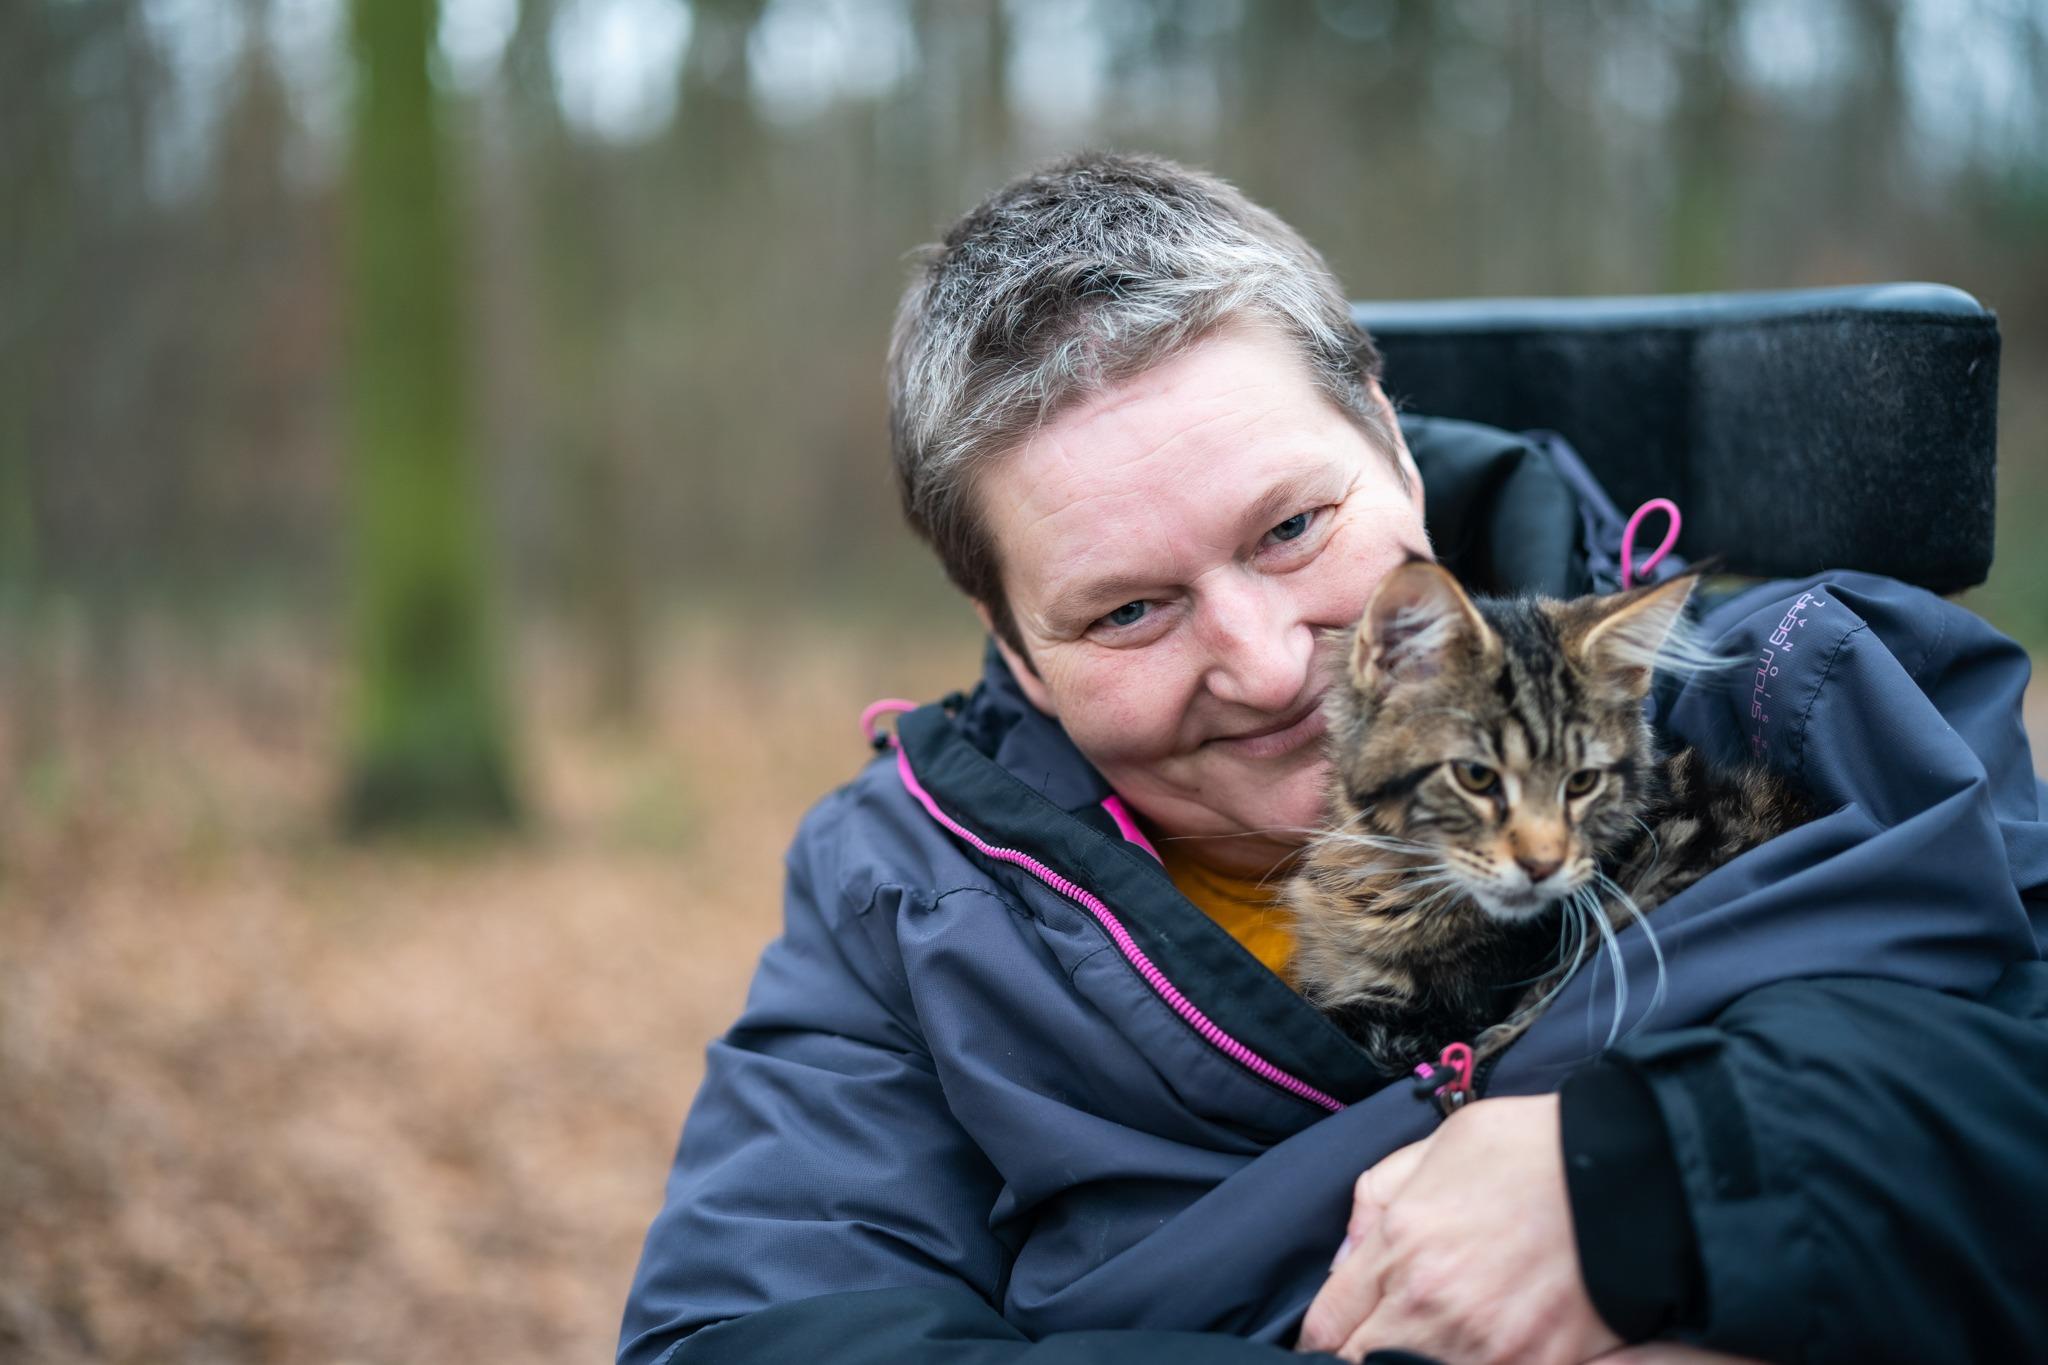 Naplňuje mě, když svůj čas můžu smysluplně využít, říká vozíčkářka Petra Černá, která pomáhá opuštěným kočičkám